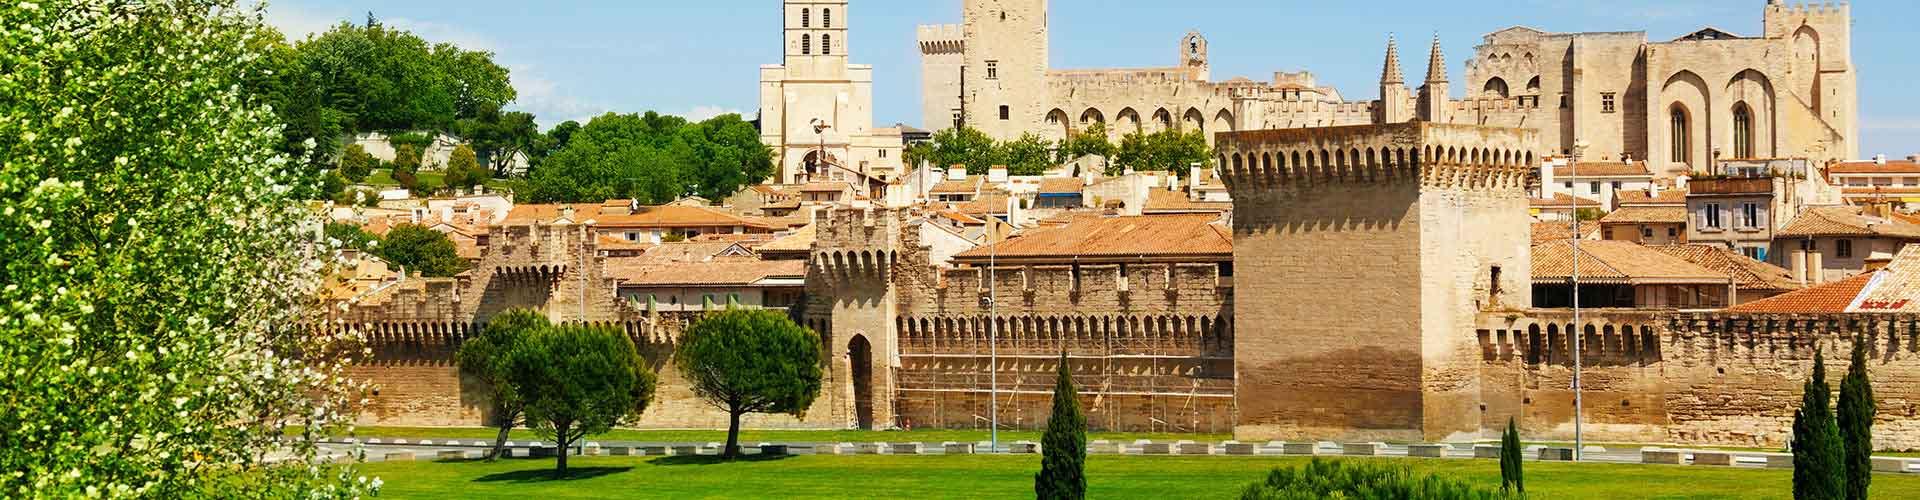 Avignon - Campamentos en Avignon. Mapas de Avignon, Fotos y comentarios de cada Campamento en Avignon.